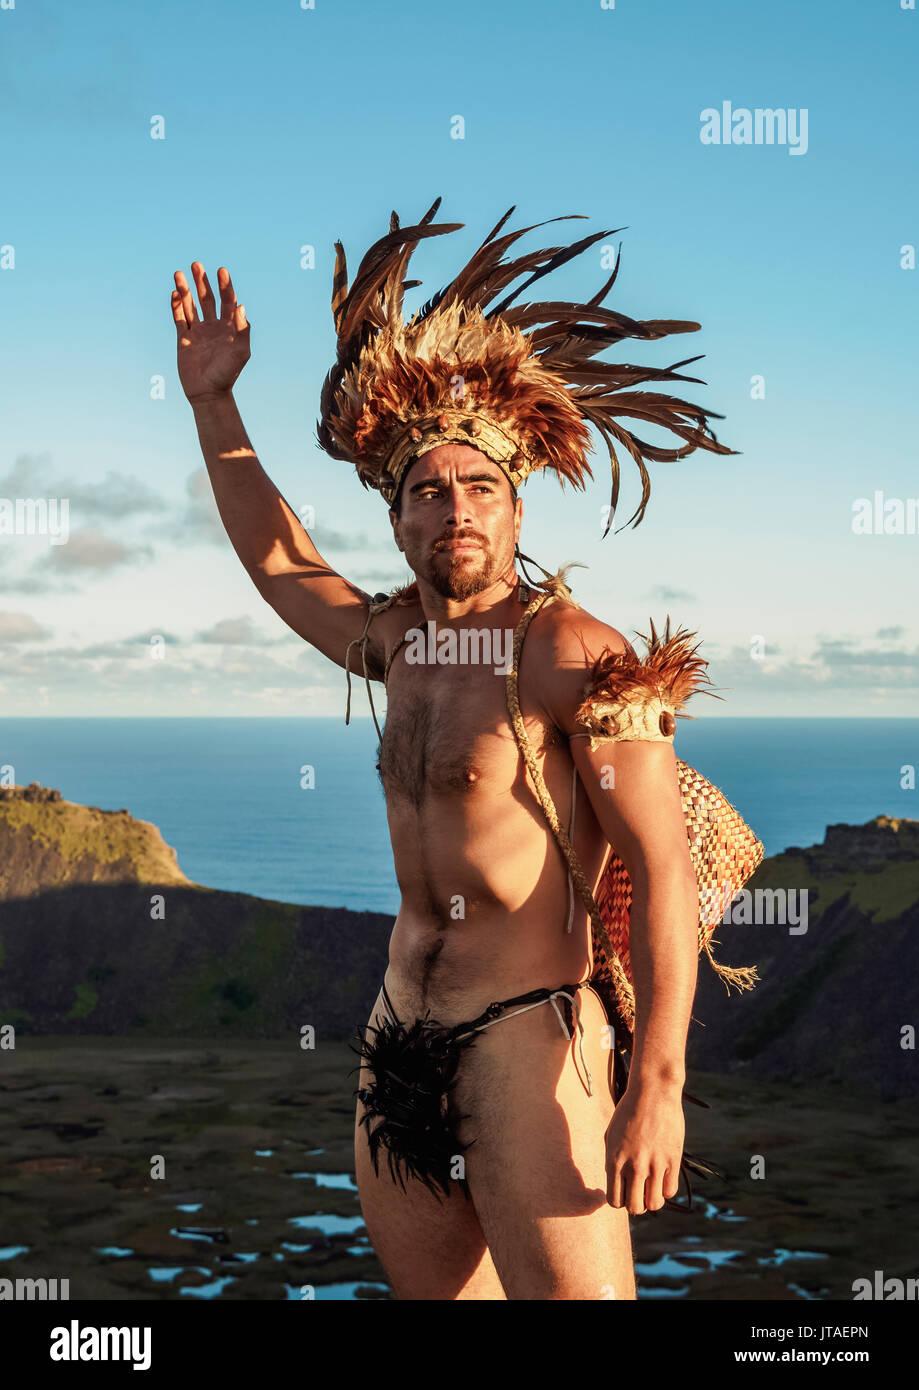 Nativo di Rapa Nui uomo in costume tradititional sul bordo del Rano Kau vulcano, l'isola di pasqua, Cile, Sud America Immagini Stock